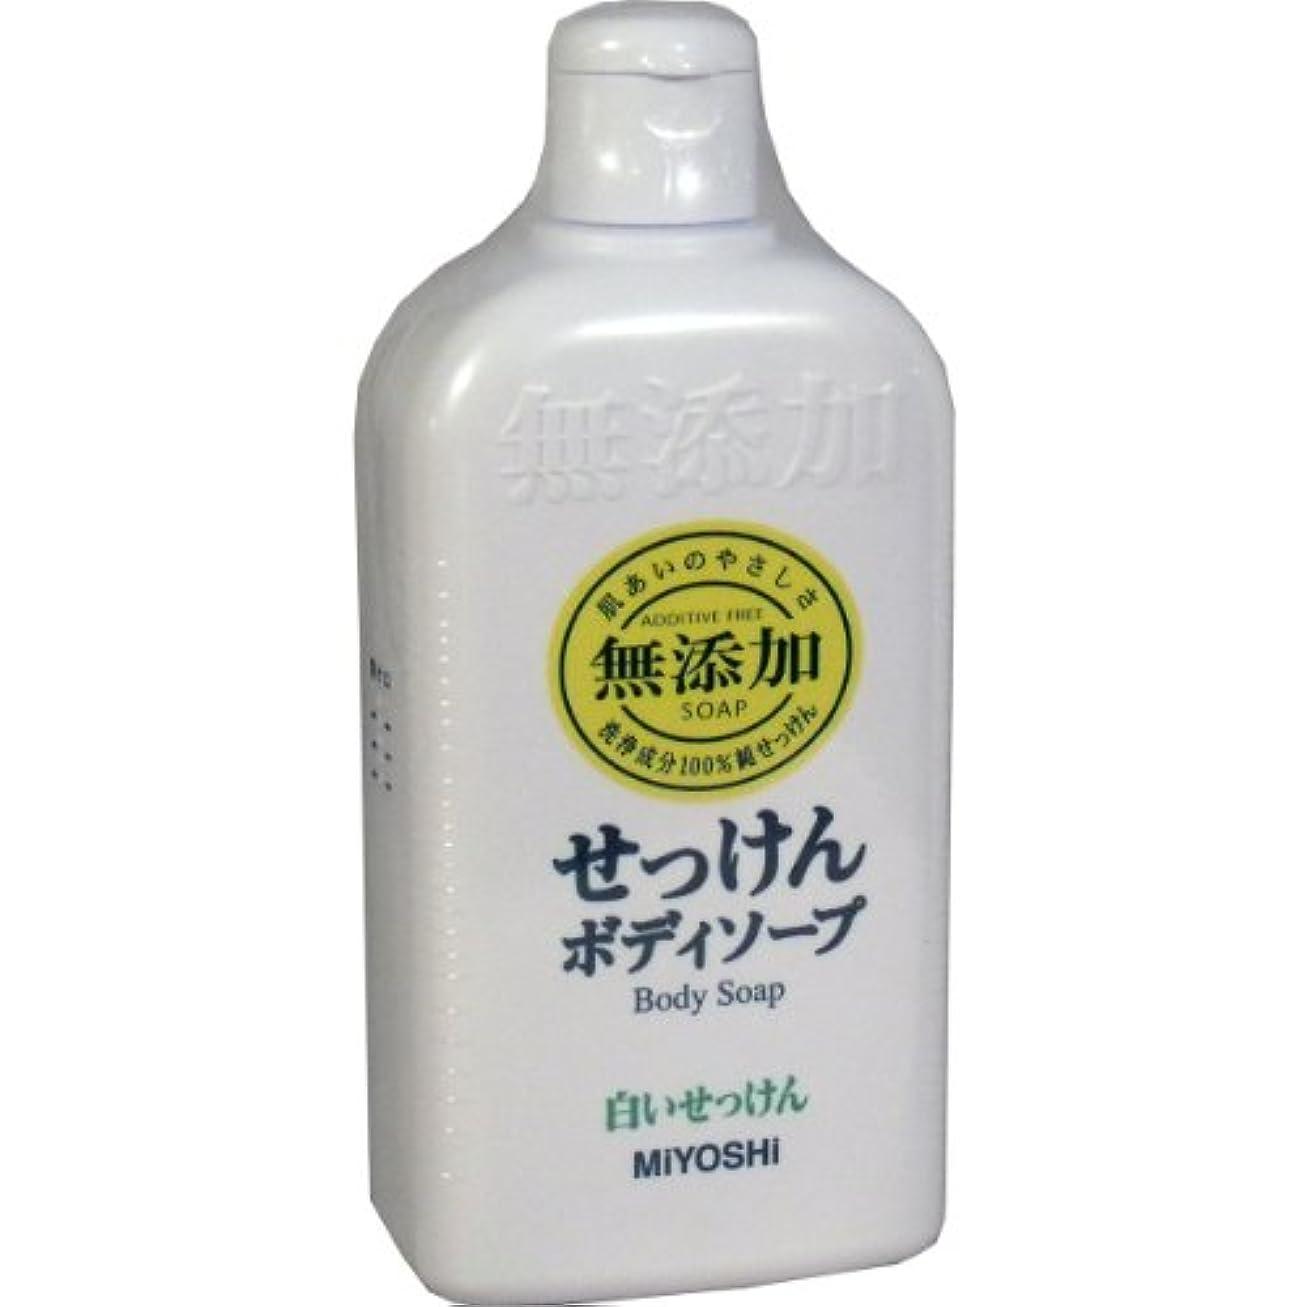 退屈な質素な必要無添加 ボディソープ 白い石けん レギュラー 400ml(無添加石鹸) 7セット